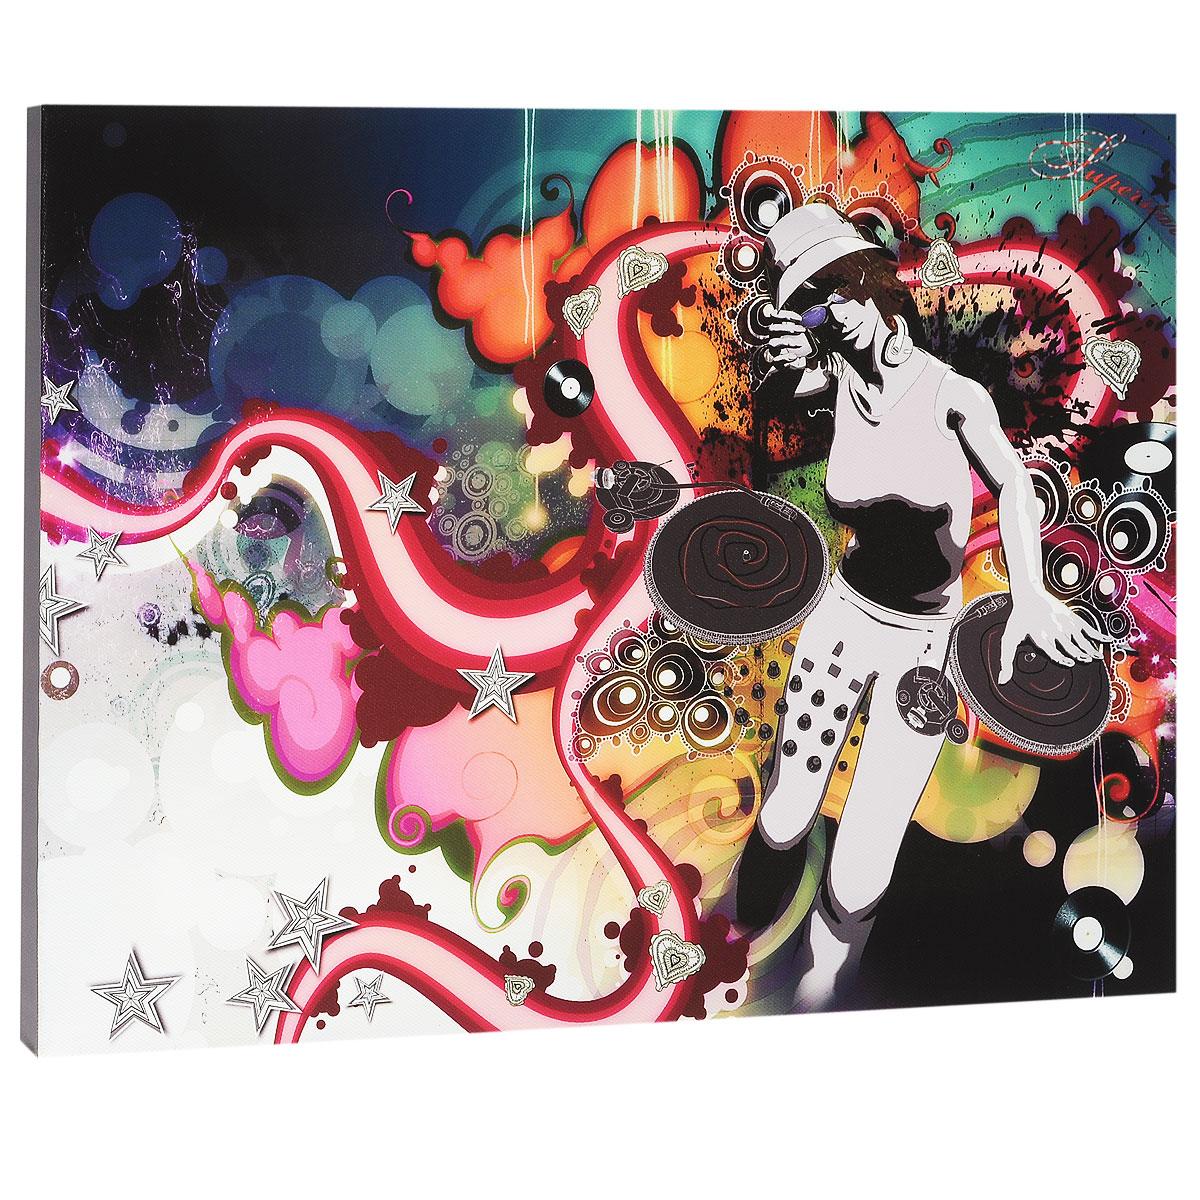 КвикДекор Картина на холсте Диджей, 40 см х 30 смES-412Картина на холсте КвикДекор Диджей - это прекрасное украшение для вашей гостиной или спальни. Она привнесет в интерьер яркий акцент и сделает обстановку комфортной и уютной. A.k.A - лондонская студия-бутик, включающая в себя творческую группу художников, которые часто работают в тесном сотрудничестве друг с другом. Их работы были отмечены по всему миру для таких крупных компаний, как Dreamworks, Pepsi, Random House, Ford, Avia, Mazda, Future, TIME, Phillip Morris, Bacardi и многие другие. Студия A.k.A была даже номинирована на Оскар, как независимая студия анимации в Лондоне. Их работы создаются с помощью сочетания фотографий, 3D-моделирования, обработки в Photoshop, традиционного ретуширования, рисунка карандашом, векторной графики и пера и чернил. Этот уникальный и многоплановый стиль делает студию A.k.A выдающейся. Работы художников-дизайнеров студии сразу бросаются в глаза и мало кого оставляют равнодушными. Картина на холсте КвикДекор Диджей не нуждается в рамке или багете - галерейная натяжка холста на подрамники выполнена очень аккуратно, а боковые части картины запечатаны продолжением картинки либо тоновой заливкой. На обратной стороне подрамника есть отверстие, благодаря которому картину можно легко закрепить на стене, и подкорректировать ее положение. Картина на холсте Диджей дизайн-студии A.k.A станет отличным украшением для вашего интерьера!